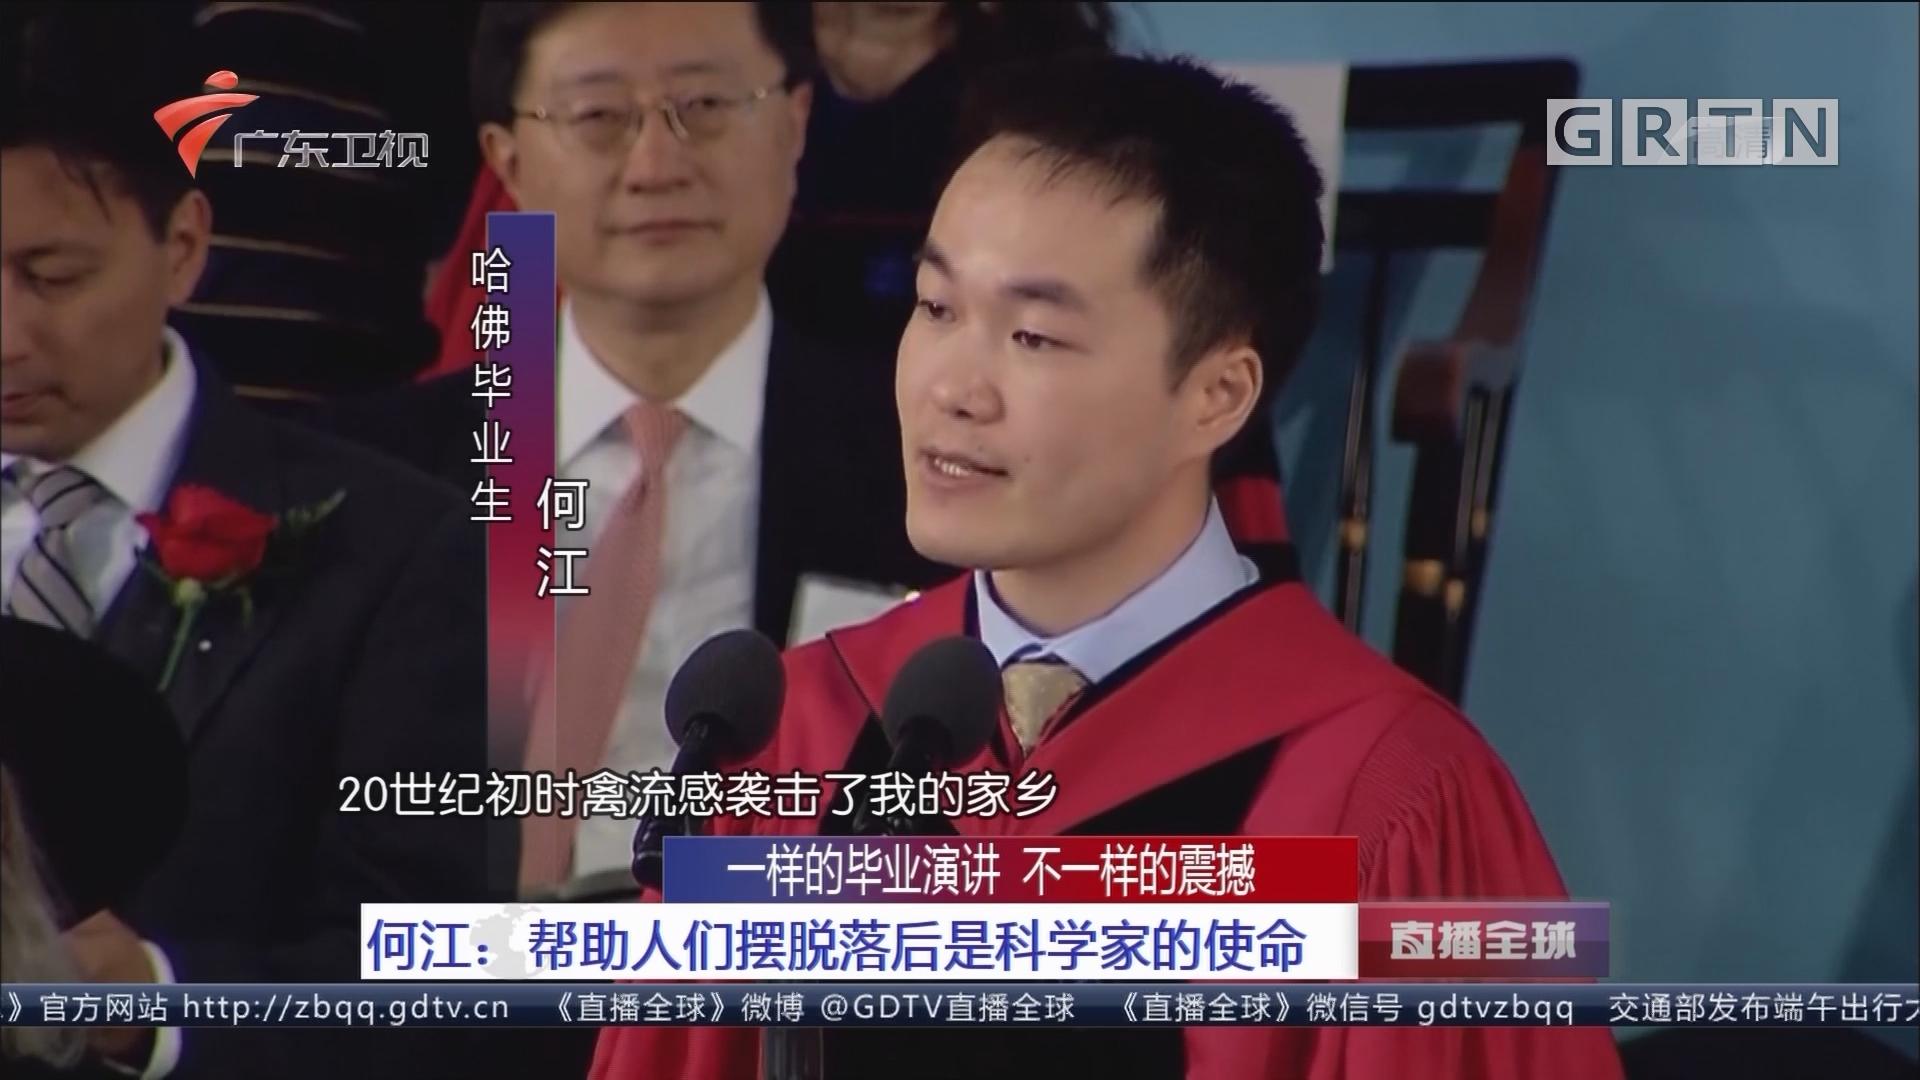 一样的毕业演讲 不一样的震撼 何江:帮助人们摆脱落后是科学家的使命